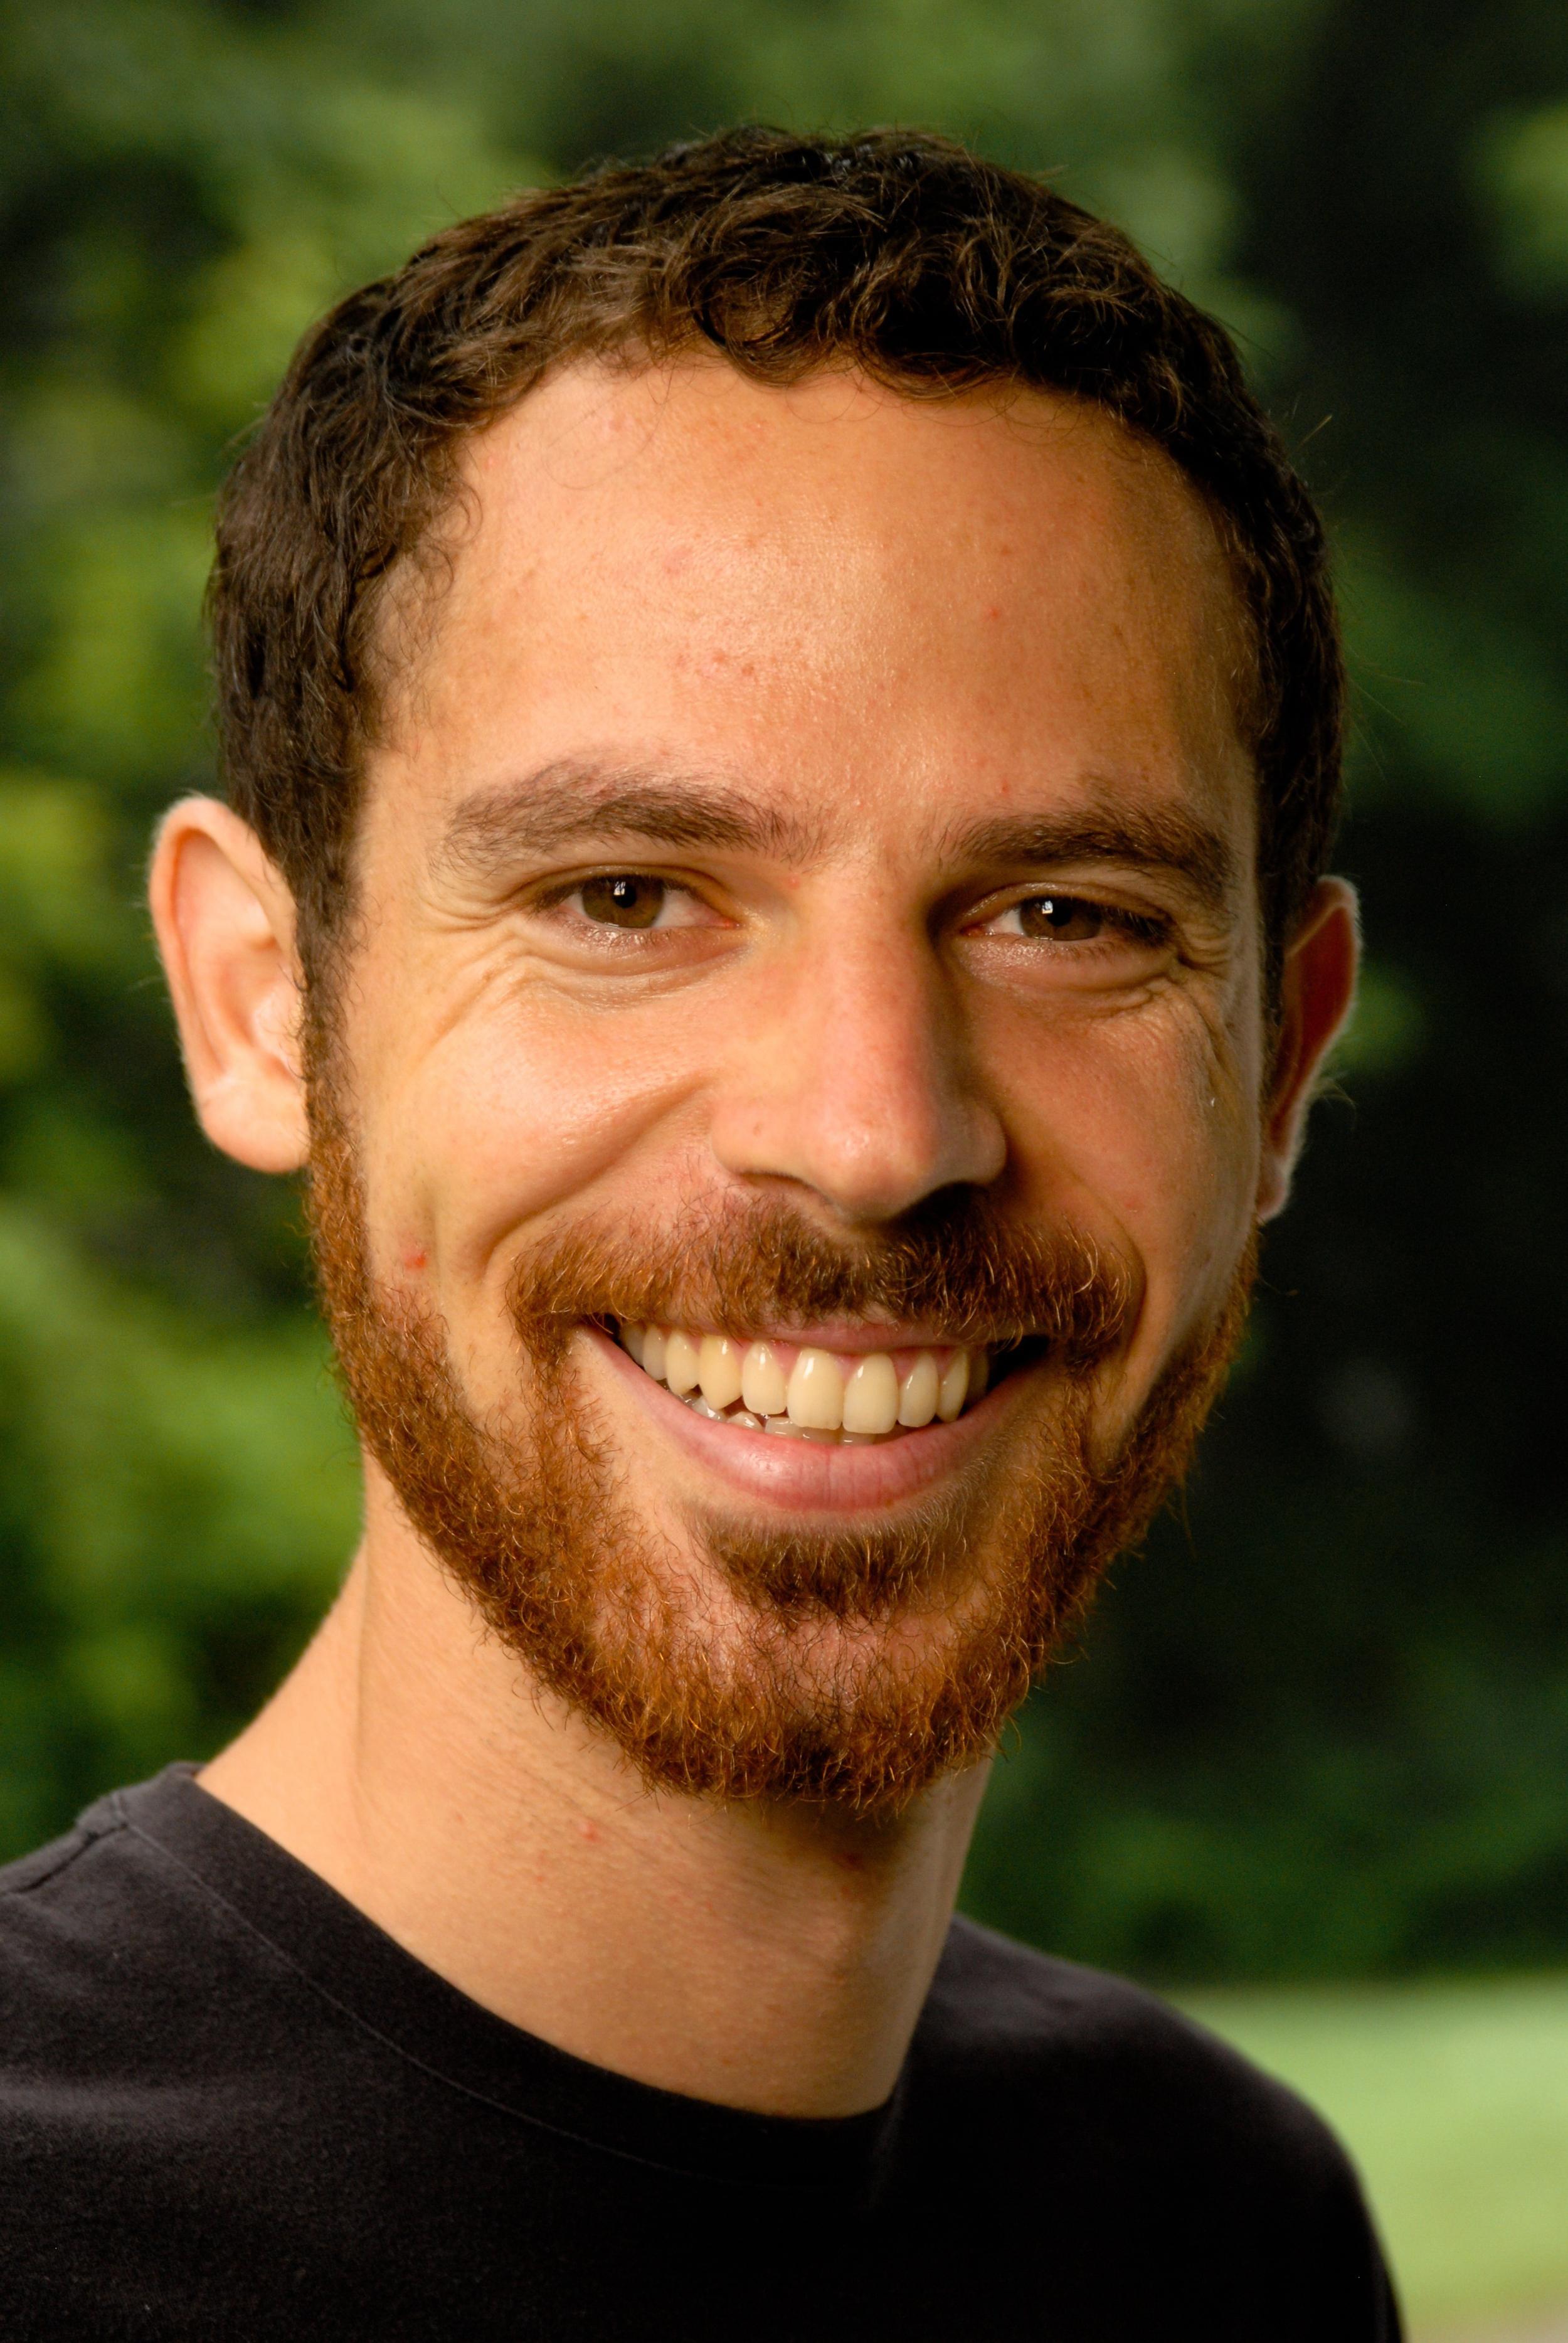 Daniel Rechtschaffen Mindfulness in education expert